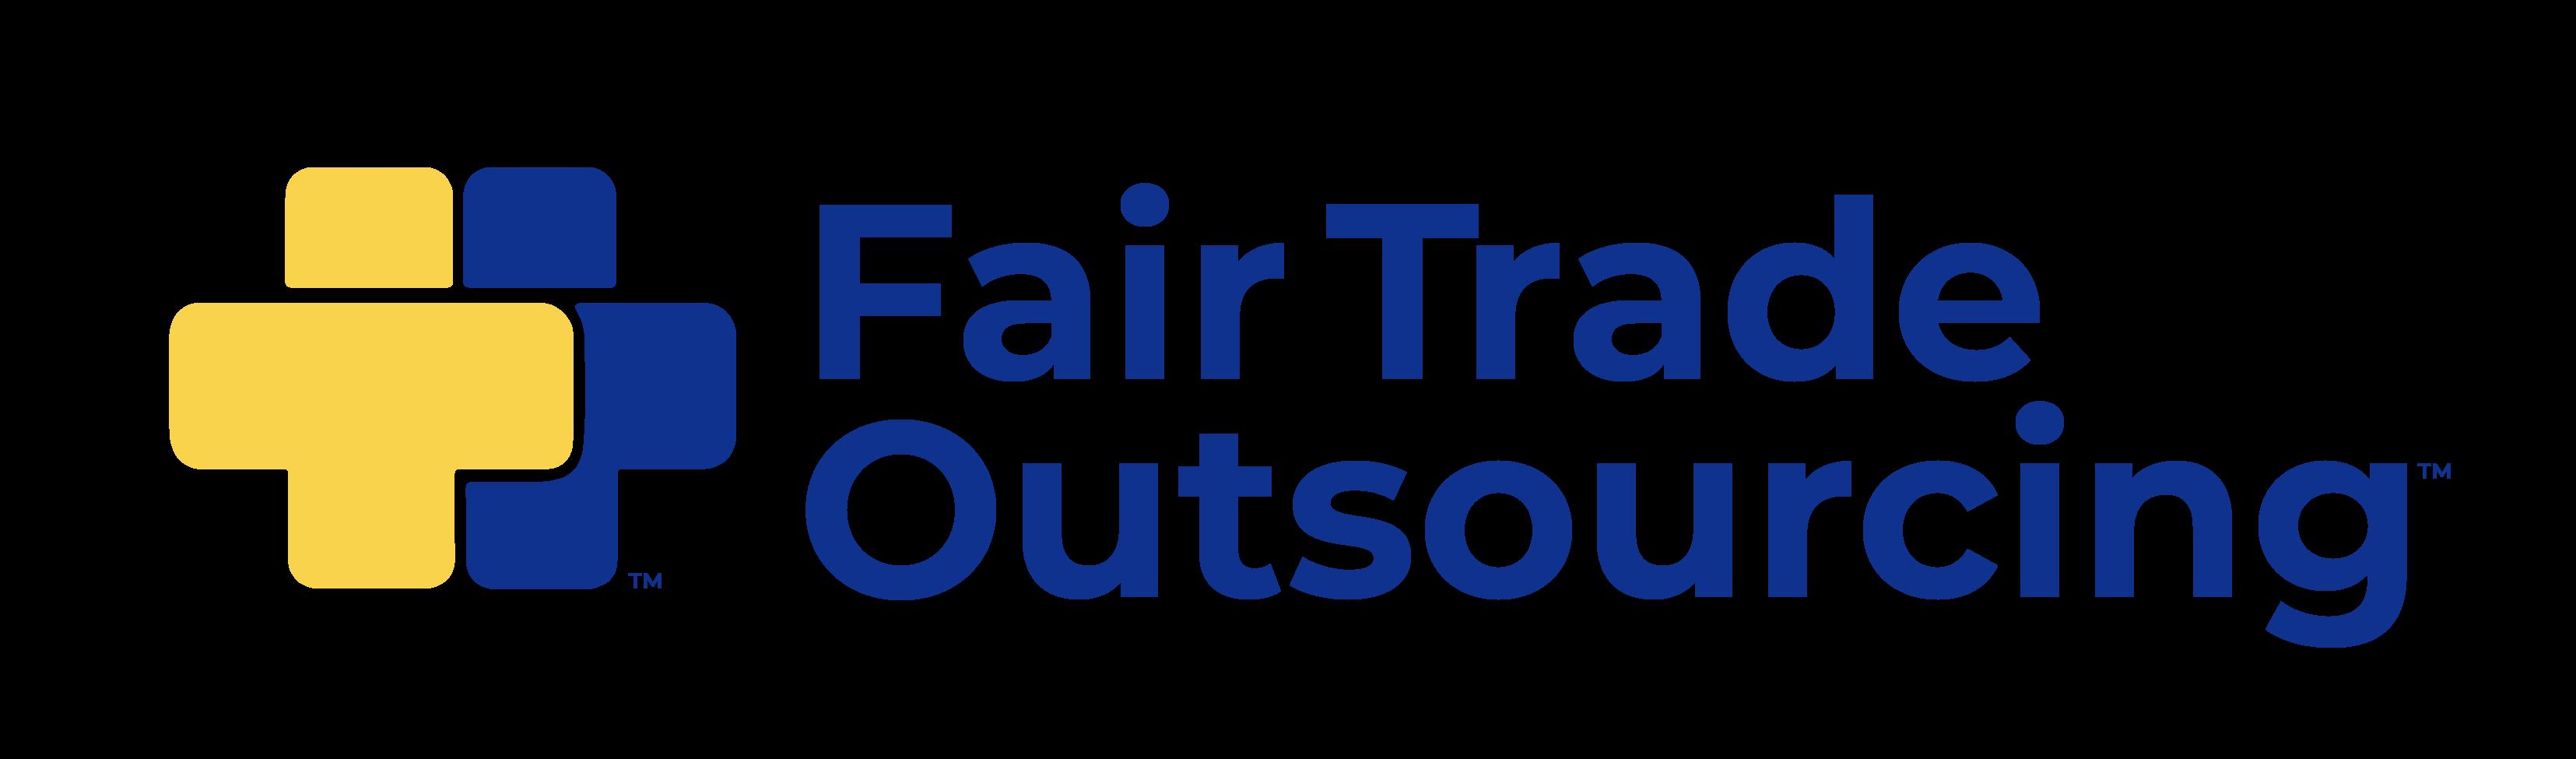 Fair Trade Outsourcing